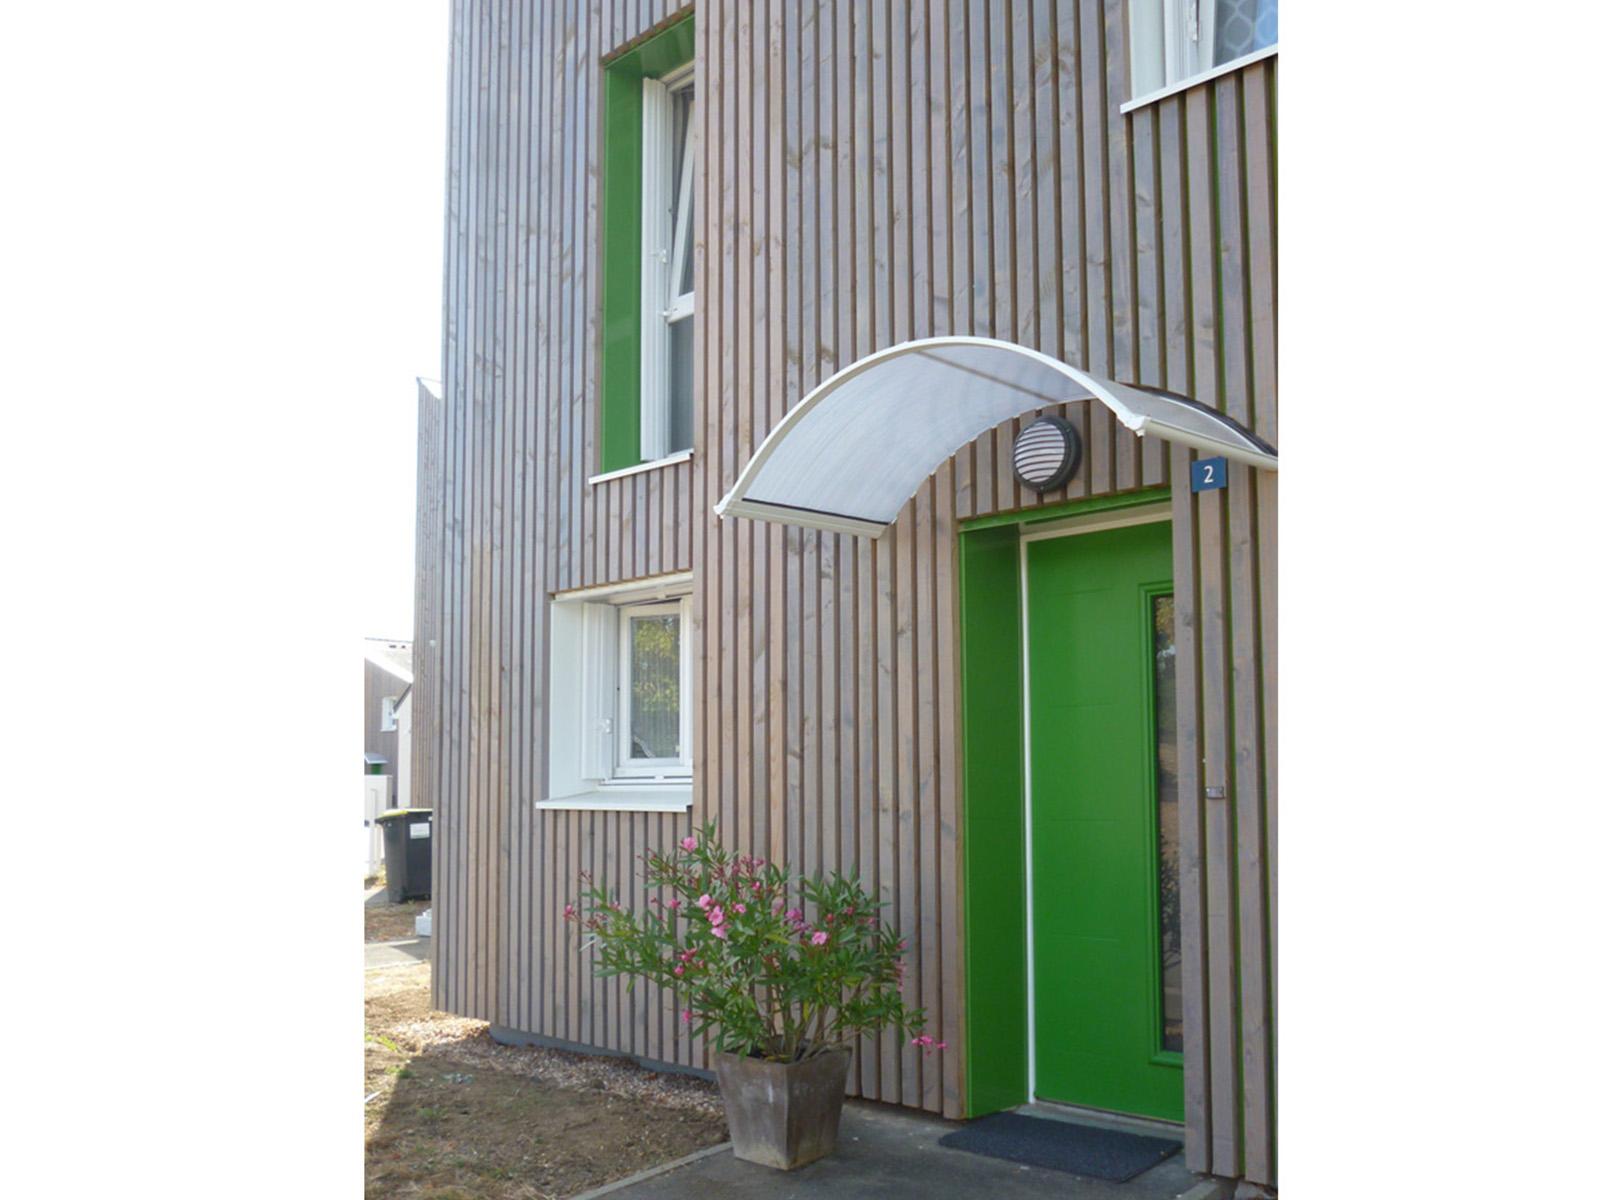 SH-chateau-du-loir-architectes